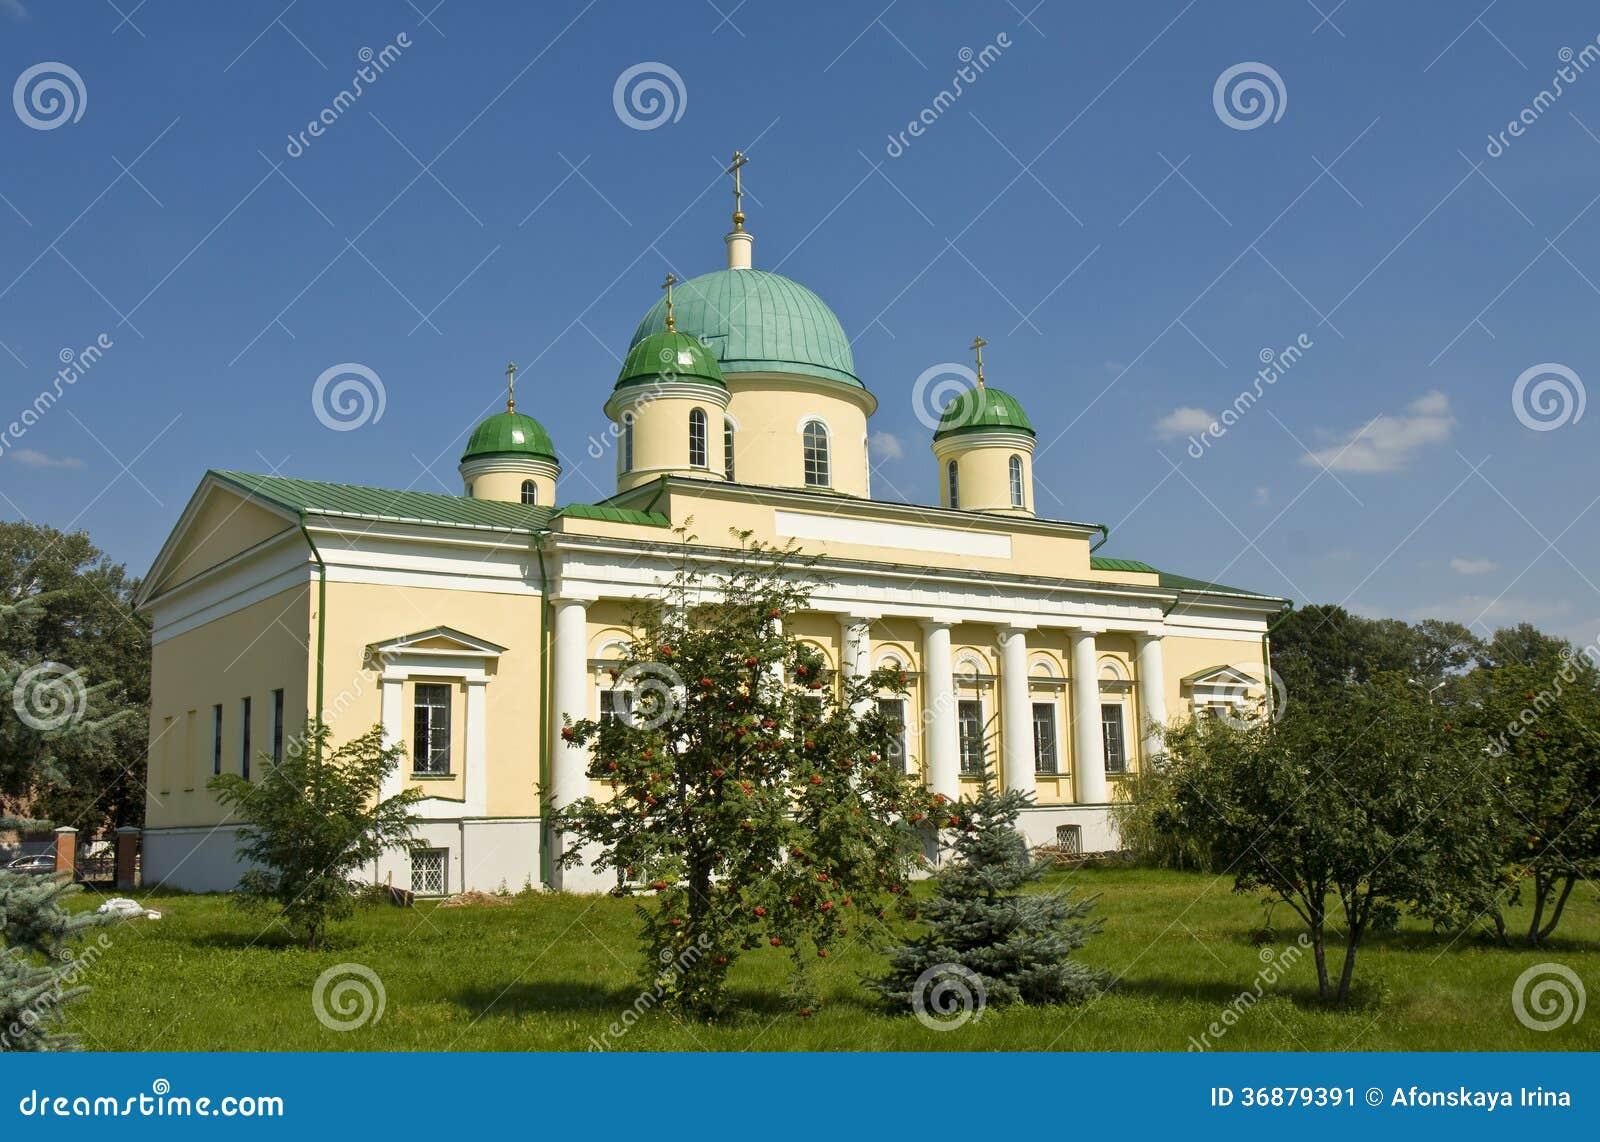 Download Tula, Cattedrale Di Trasfigurazione Immagine Stock - Immagine di russia, costruzione: 36879391